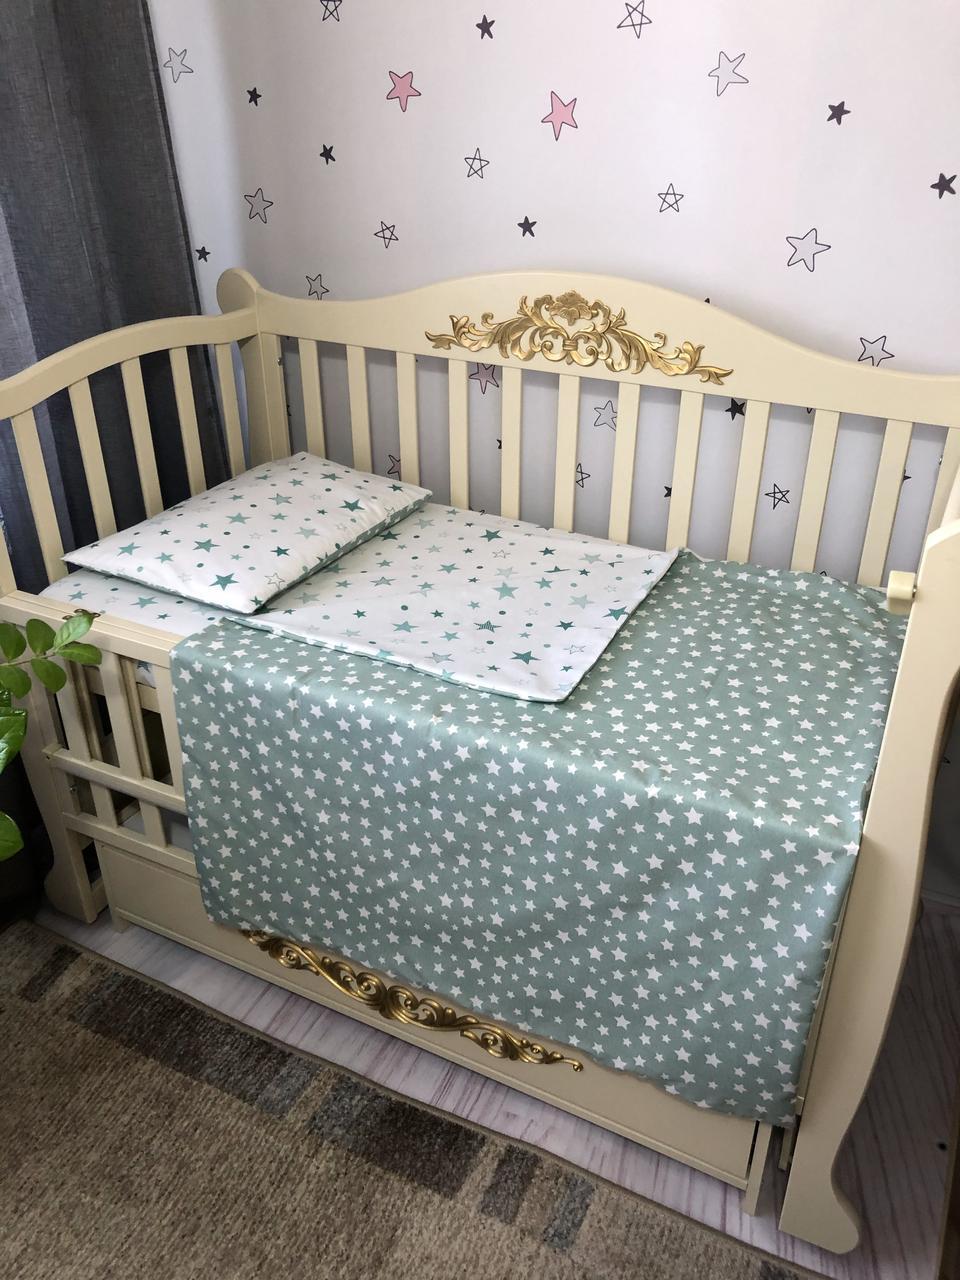 Сменный комплект постельного белья Baby Comfort  звездочки на мятном